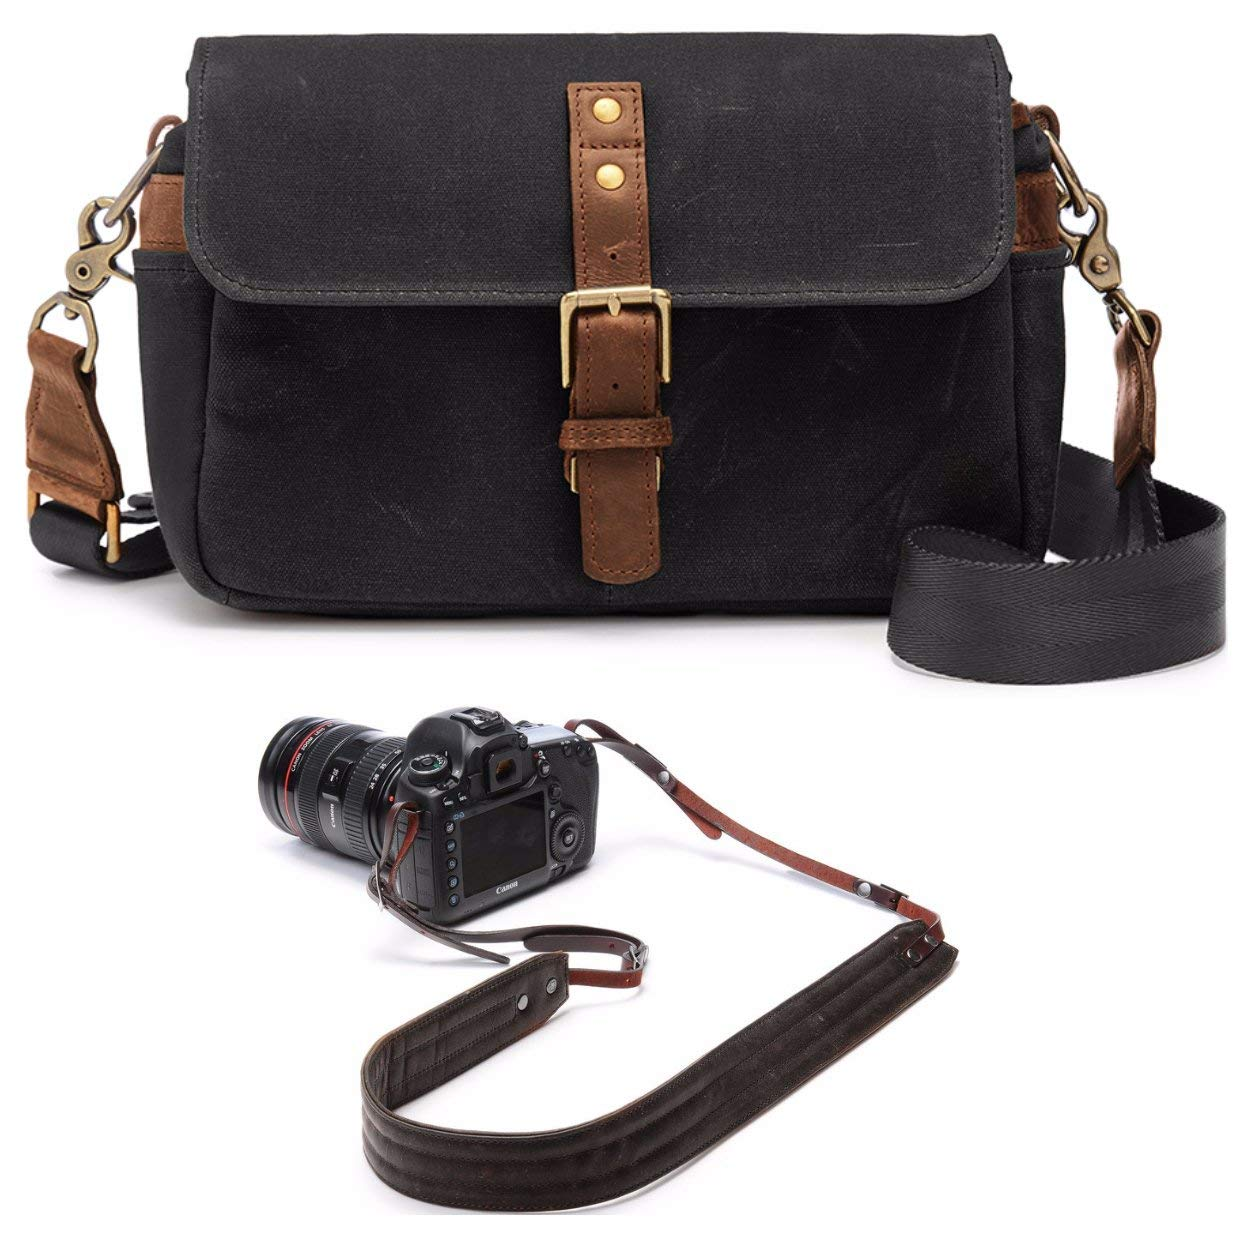 0e88541d74 Ona The Bowery - Camera Bag - Black Waxed Canvas (ONA5-014BL) and Presidio  Crossbody Leather Camera Strap